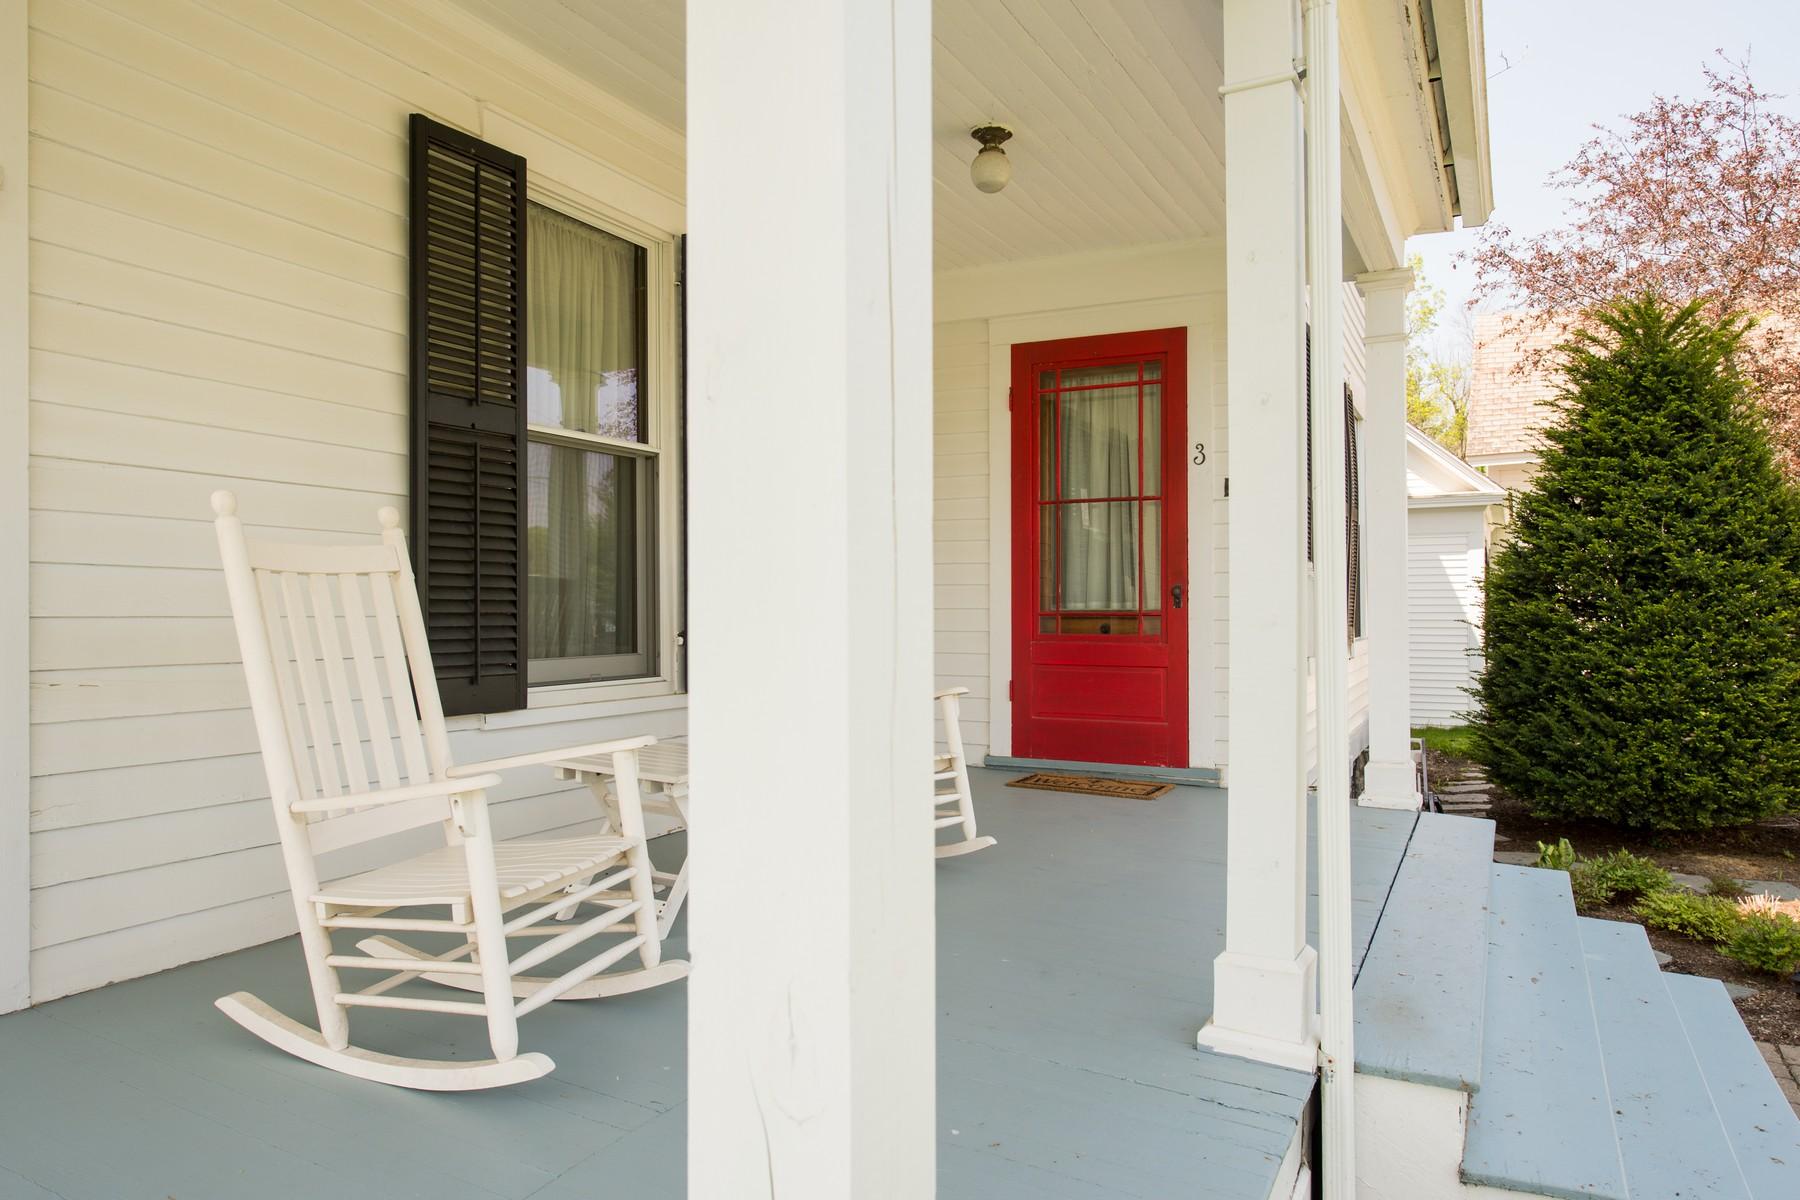 Additional photo for property listing at The Cambridge Farm 3  Perry La Cambridge, Nueva York 12816 Estados Unidos